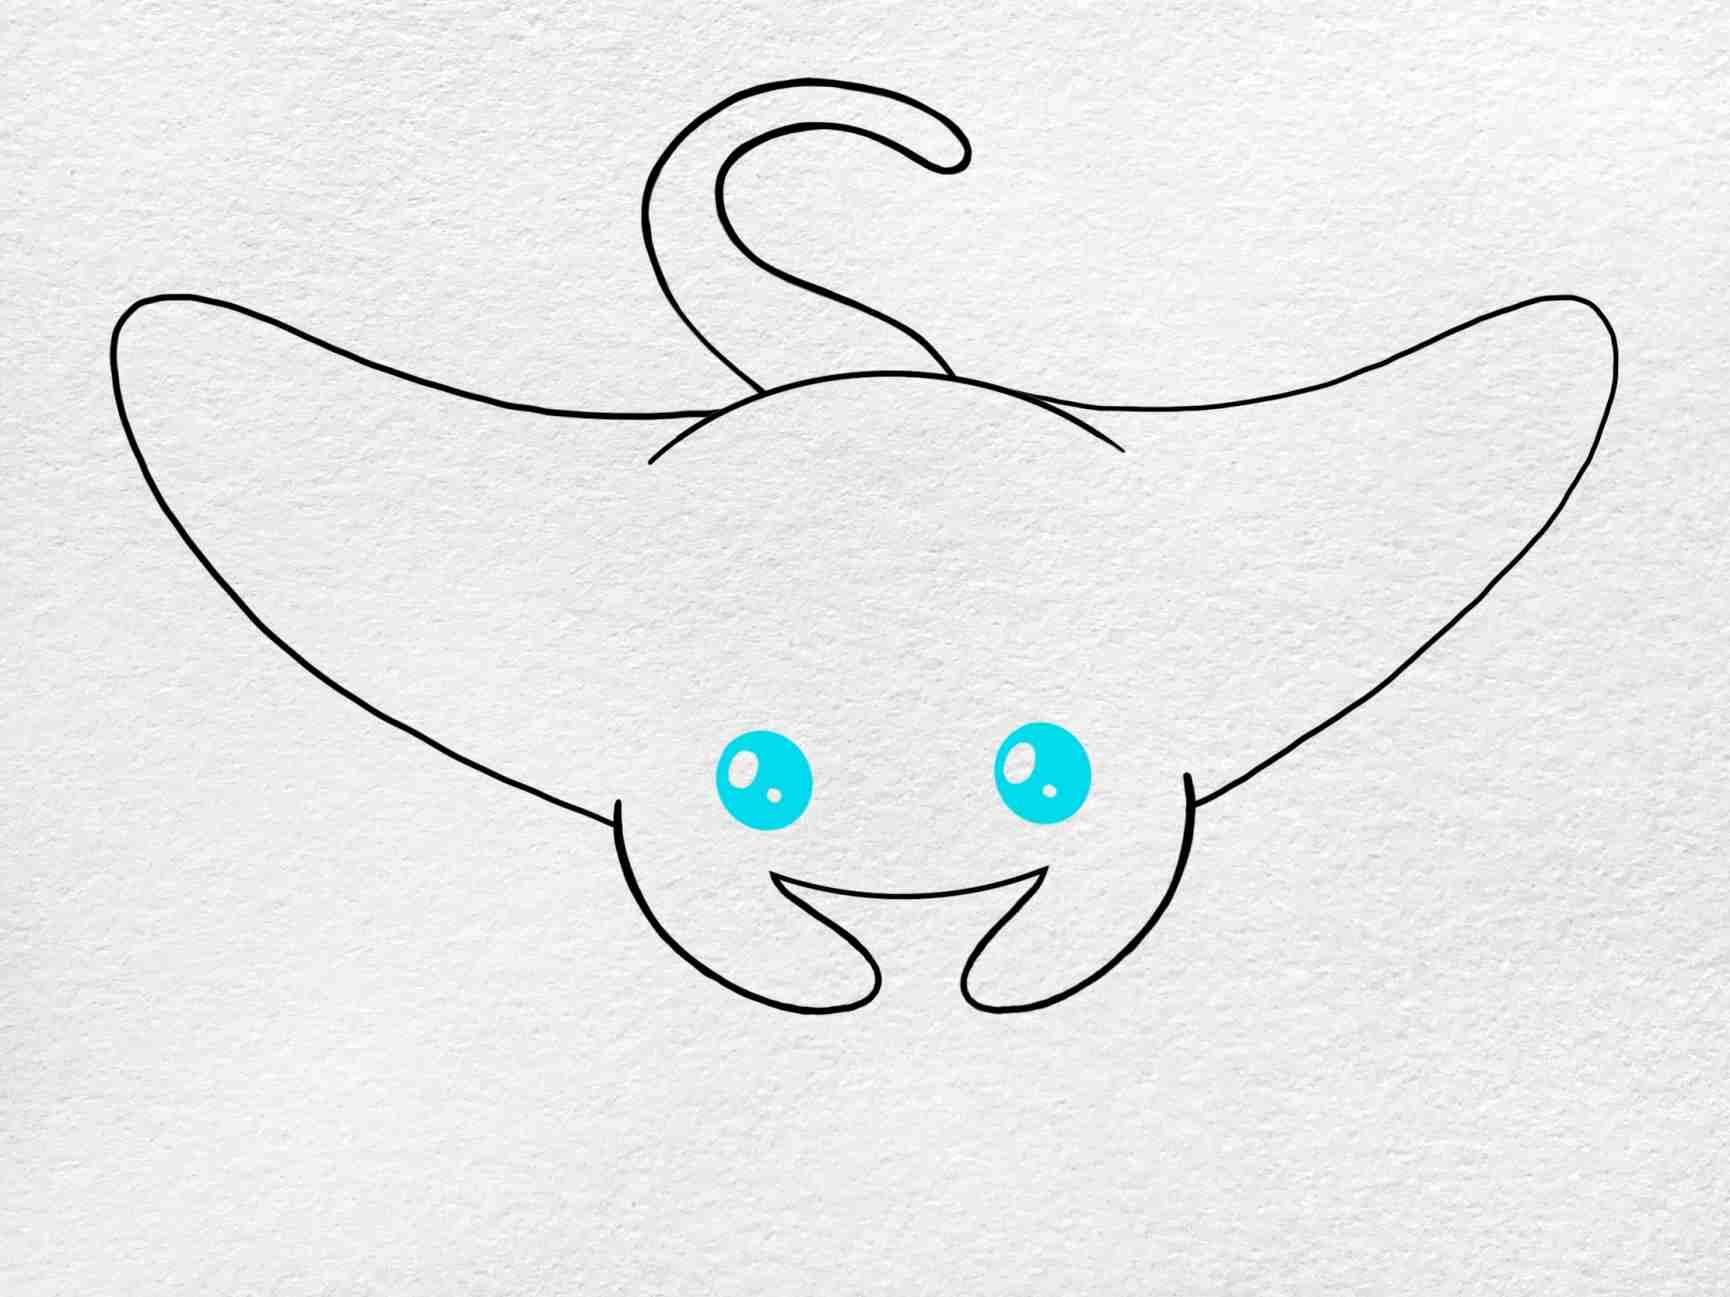 Manta Ray Drawing: Step 4